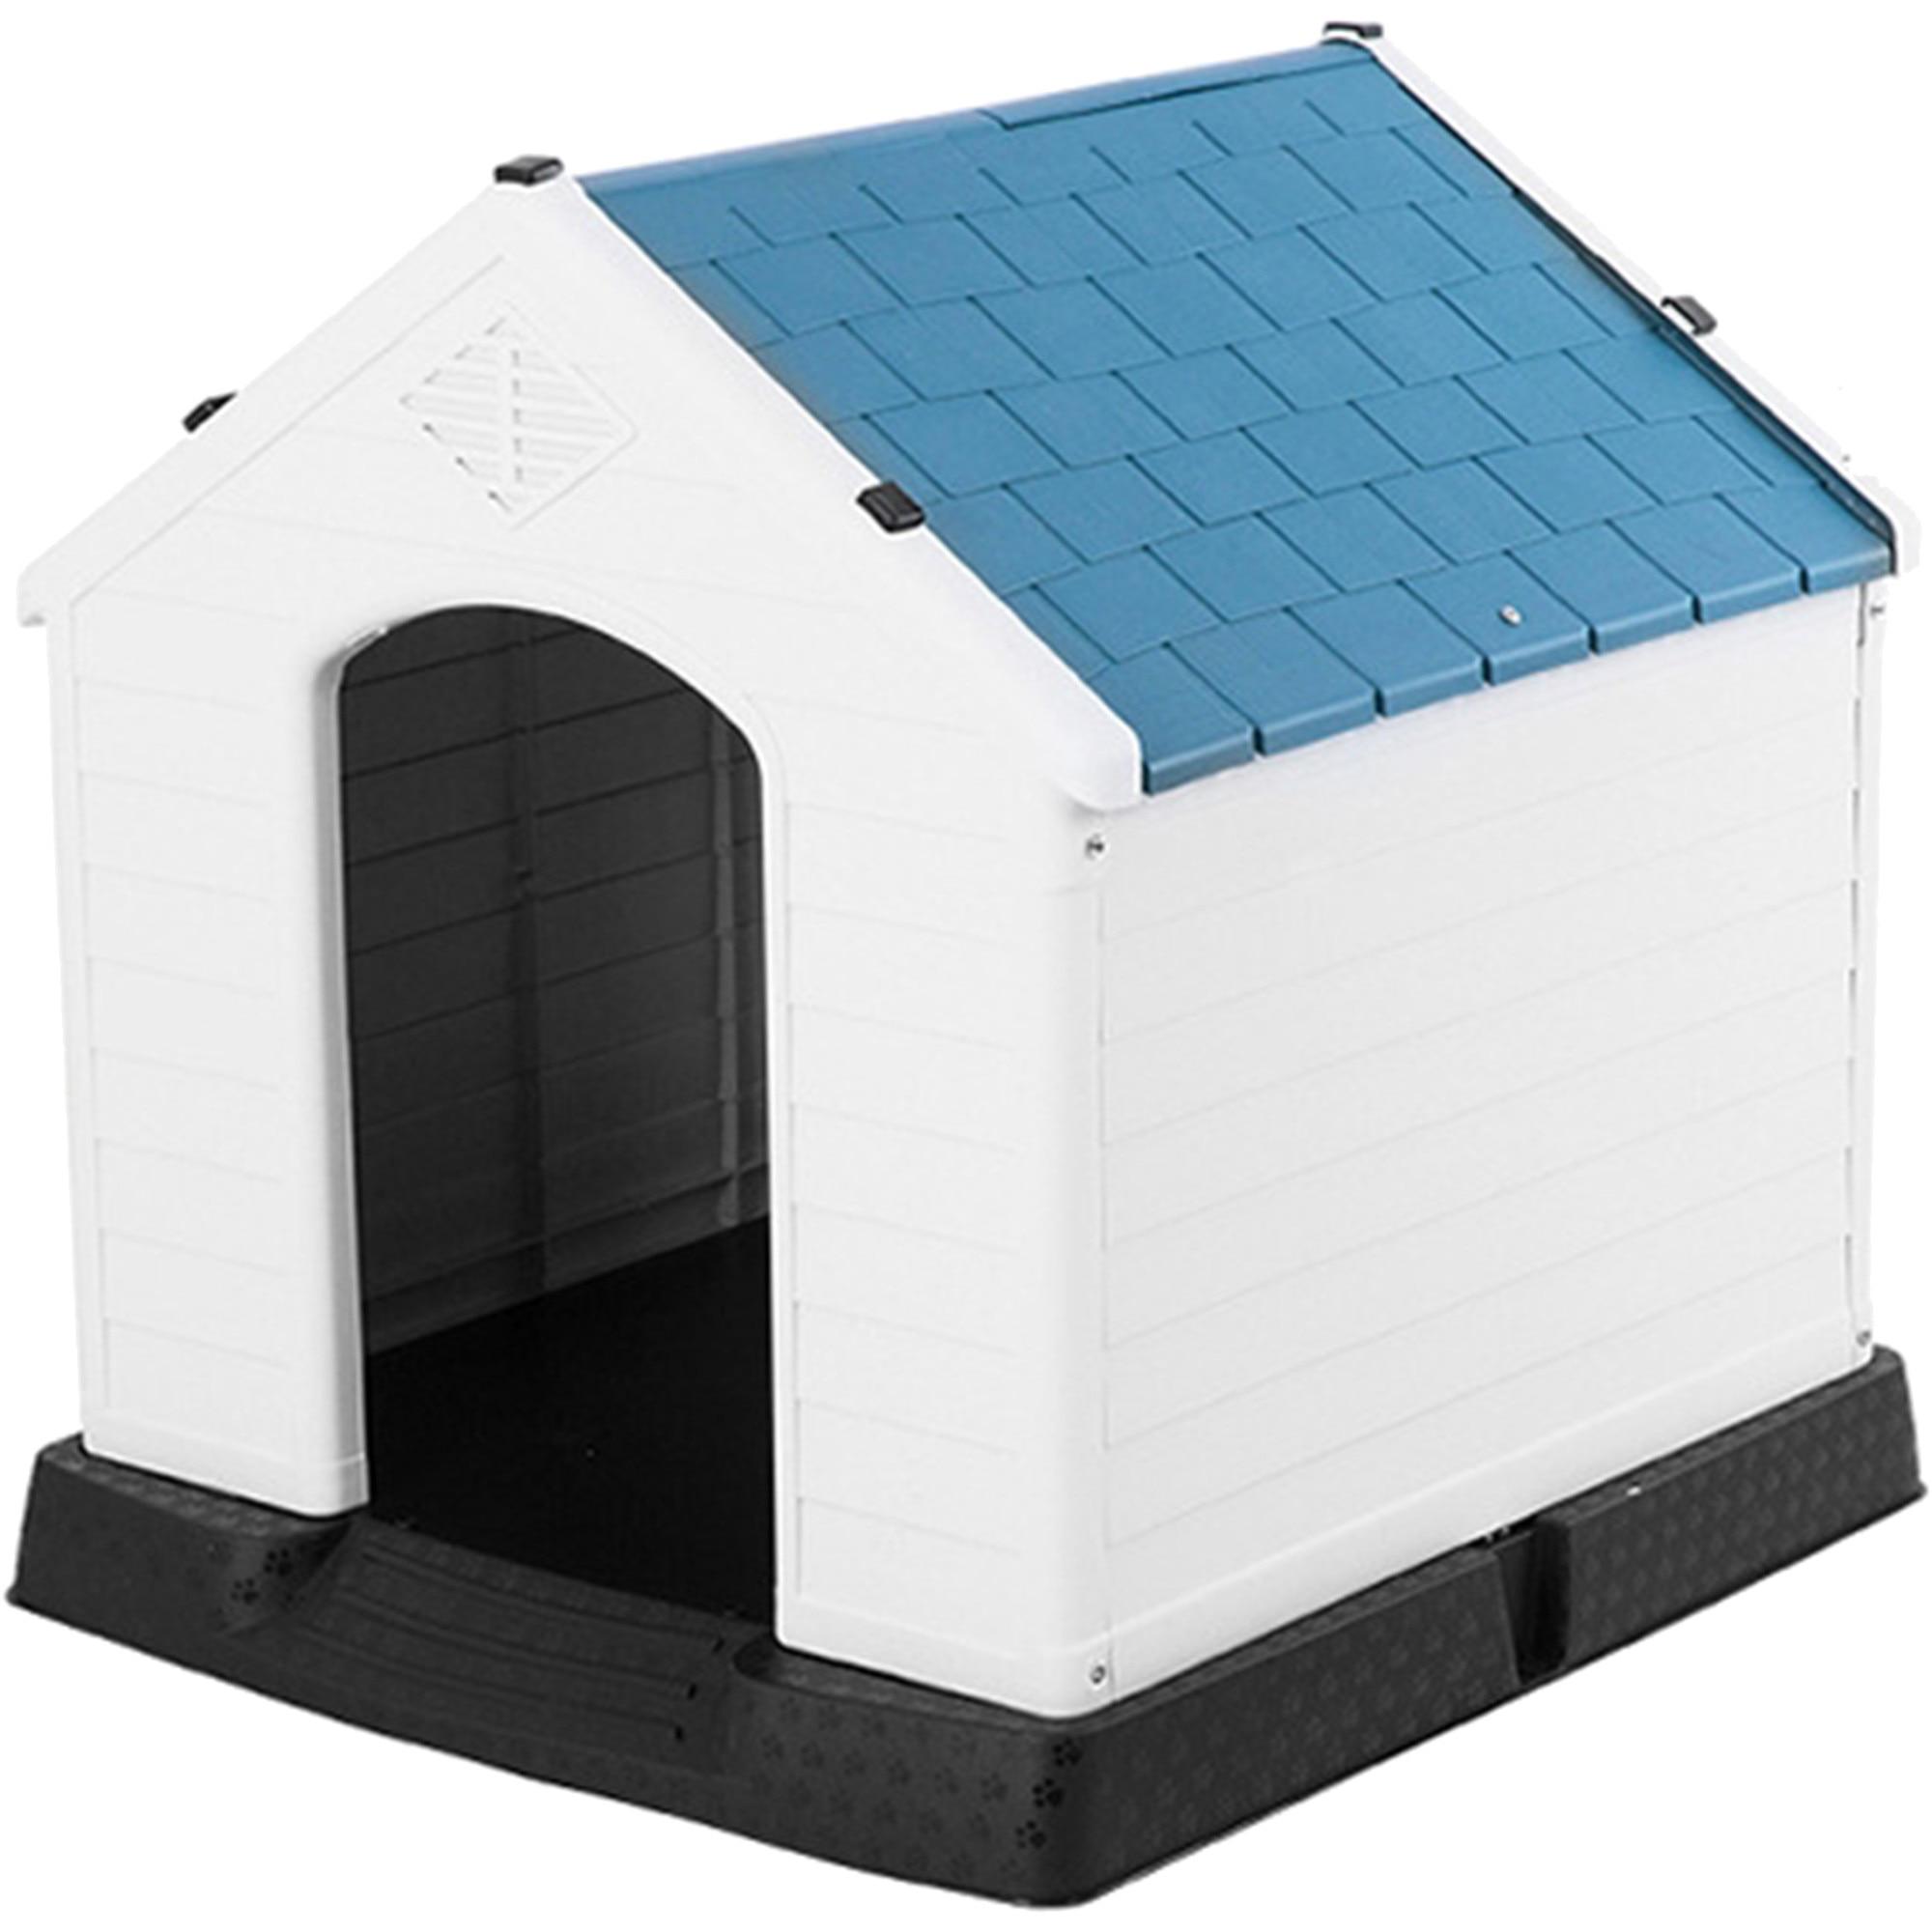 Fotografie Cusca pentru caini, Brown Dog, din plastic, 105x96x98.5 cm, Alb/Albastru/Negru